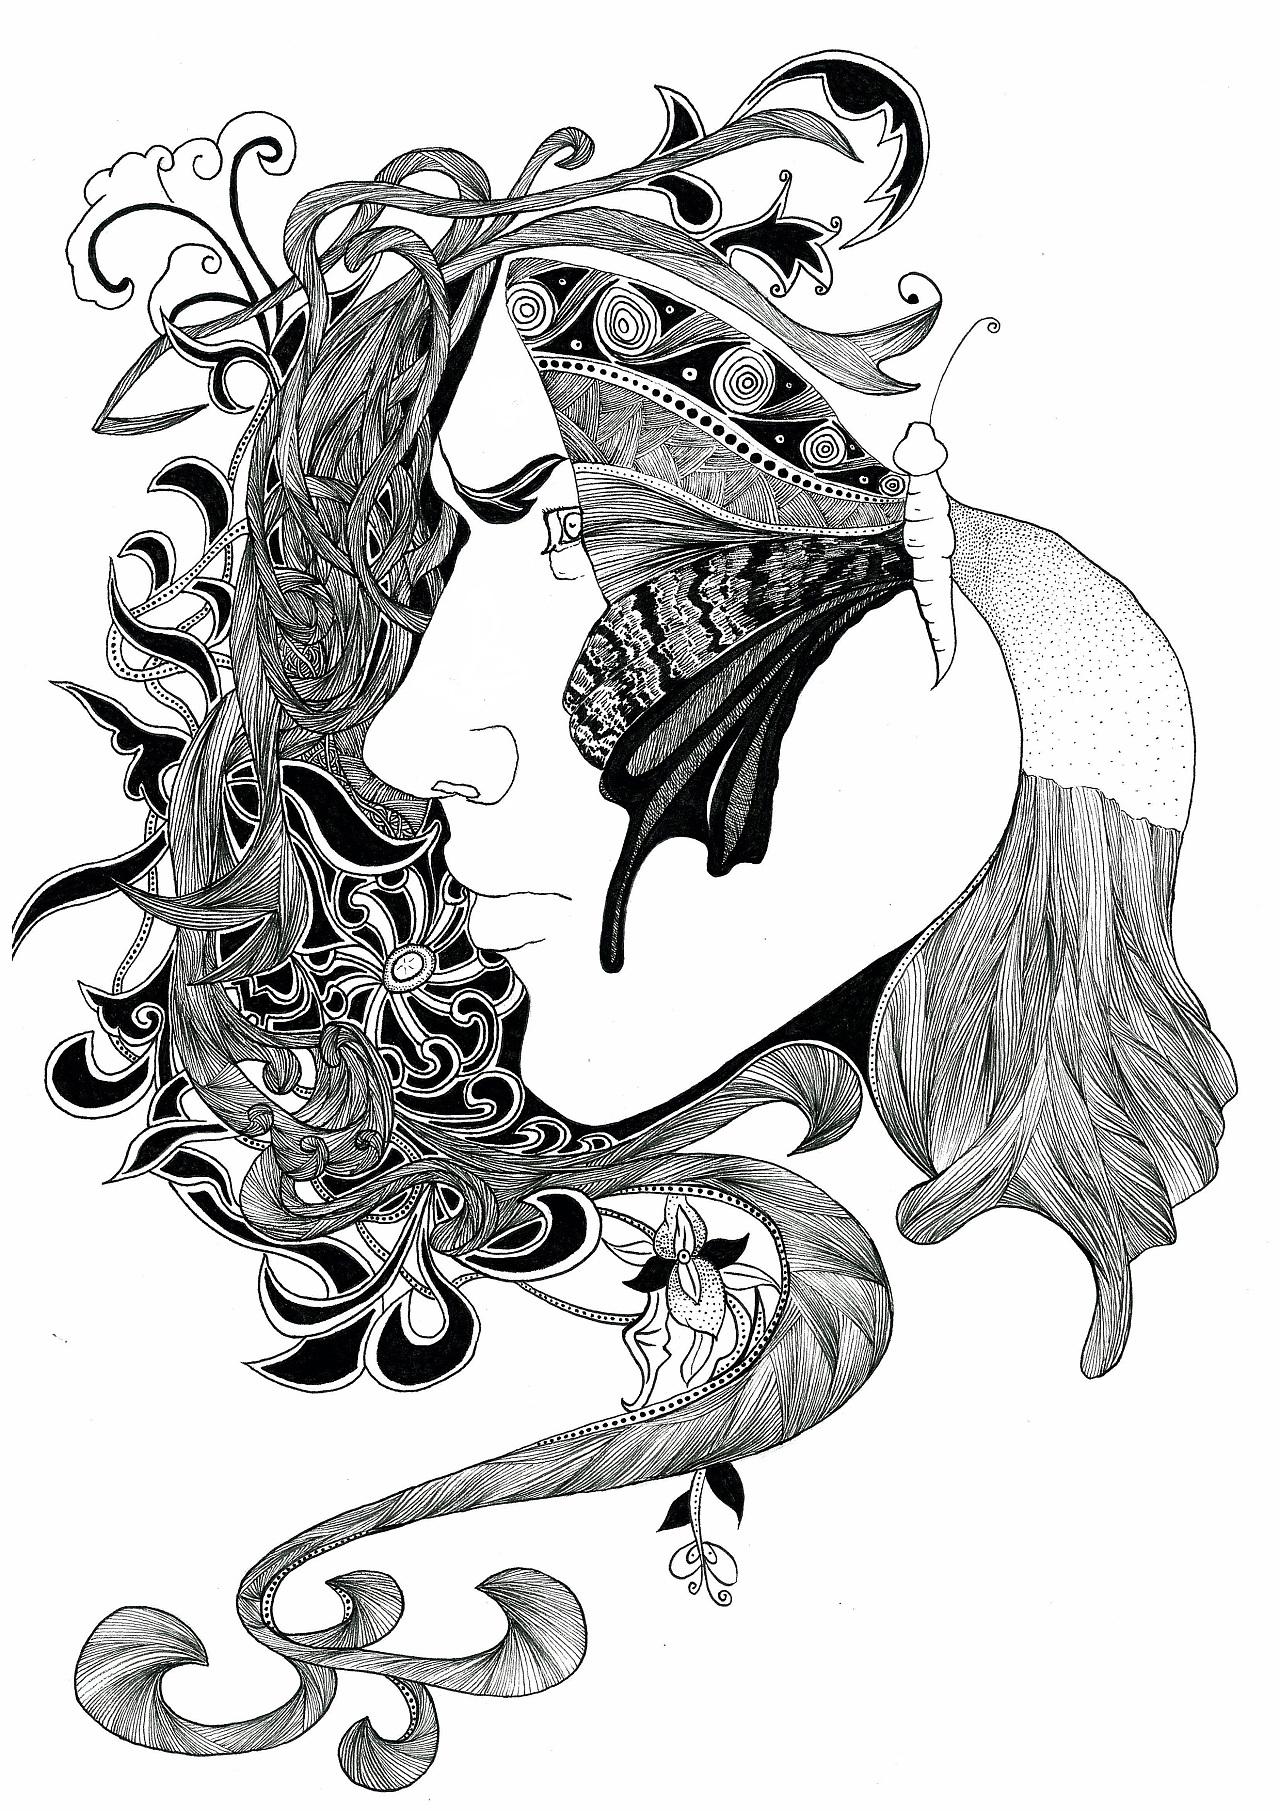 黑白手绘线条画_黑白装饰画|插画|商业插画|YE00007655 - 原创作品 - 站酷 (ZCOOL)